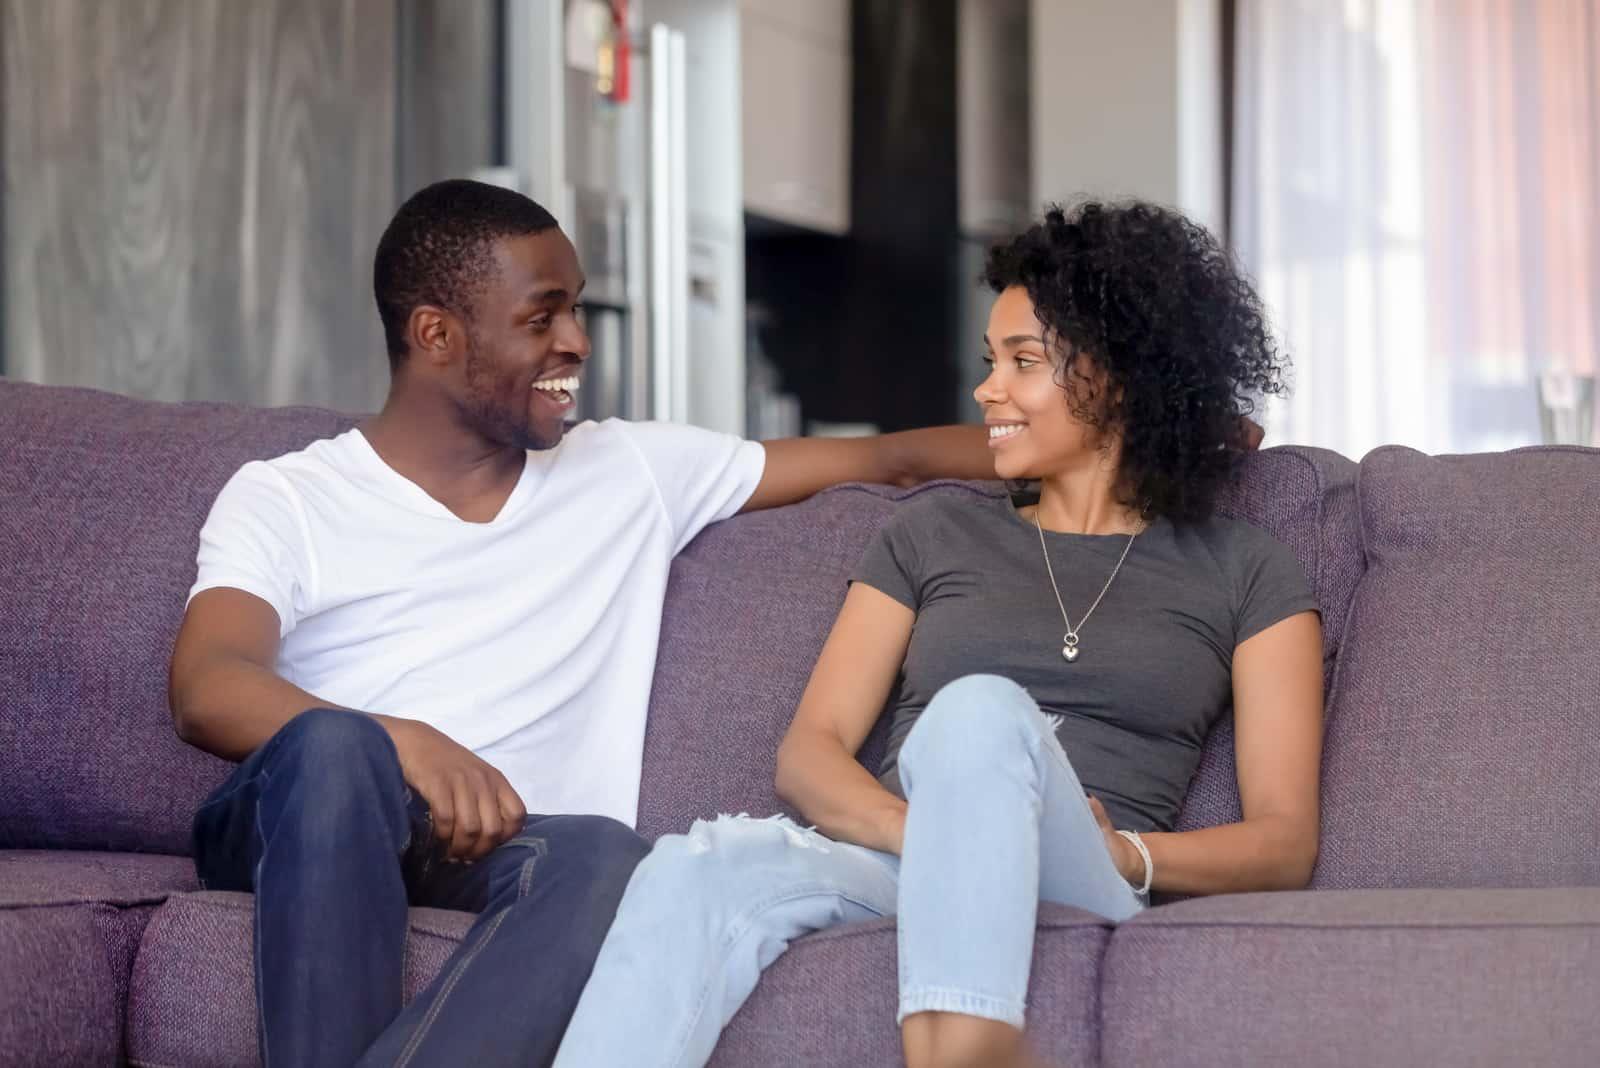 un homme et une femme s'assoient sur le canapé et rient